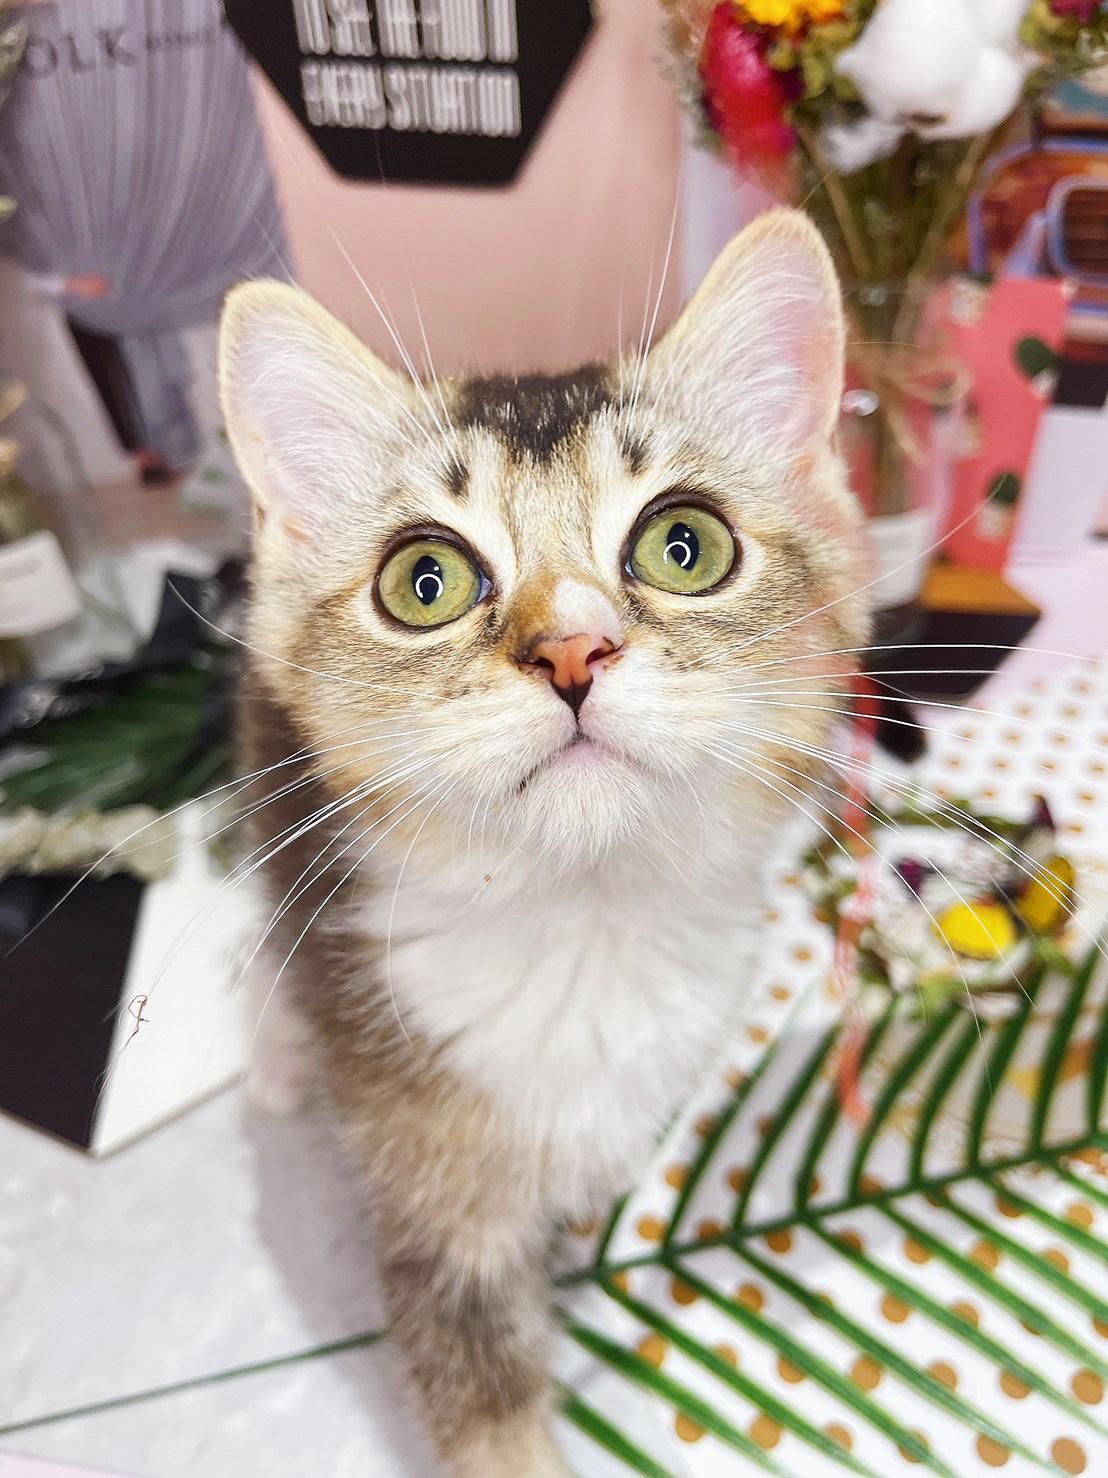 月亮糖糖喵樂園/黑金加白英國短毛貓